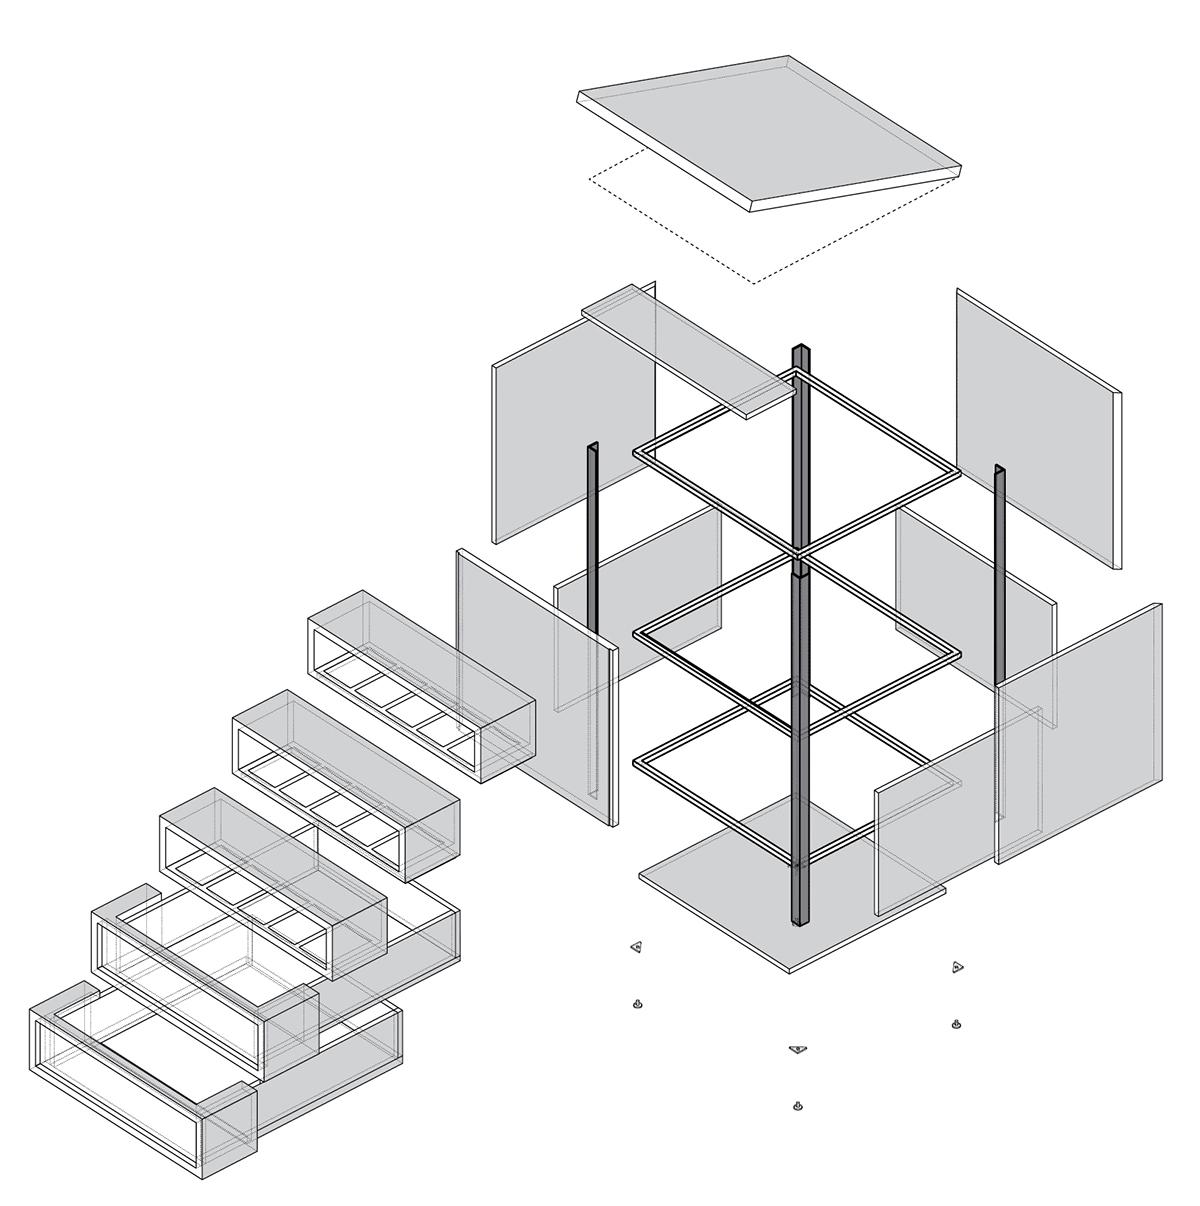 agronomic design interior design  furniture design  industrial design  product design